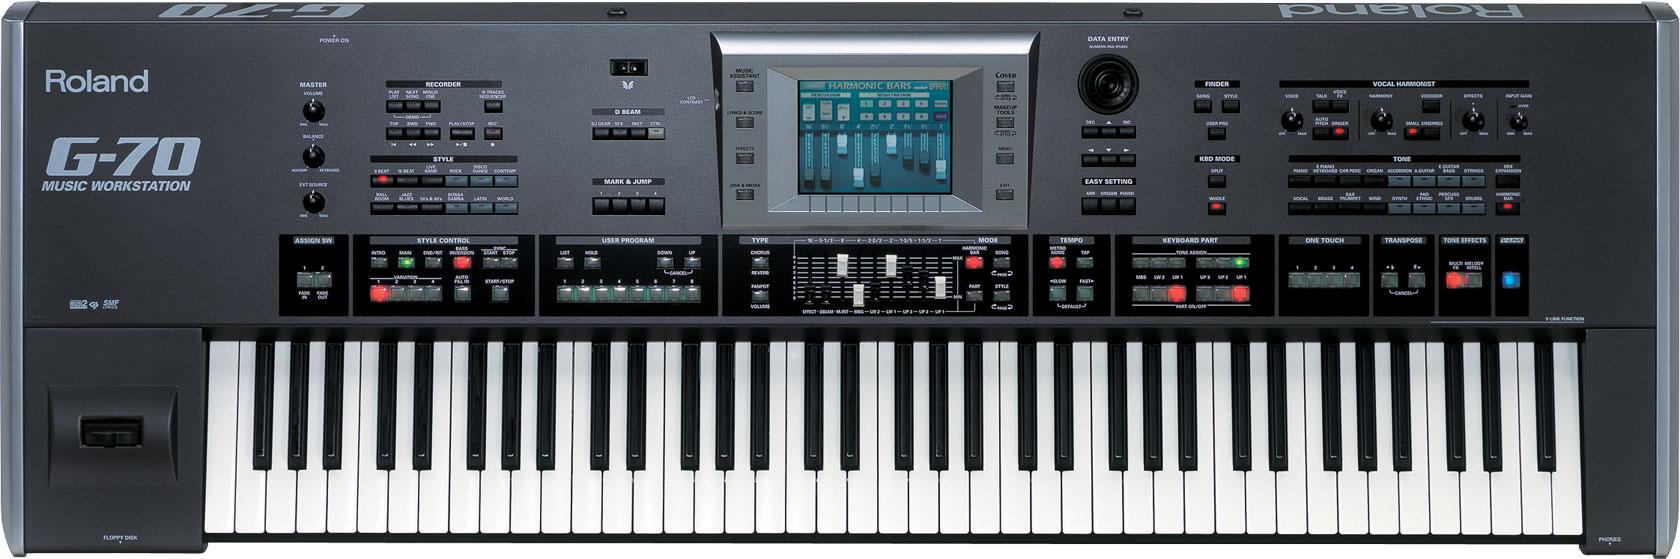 Roland G 70 Music Workstation